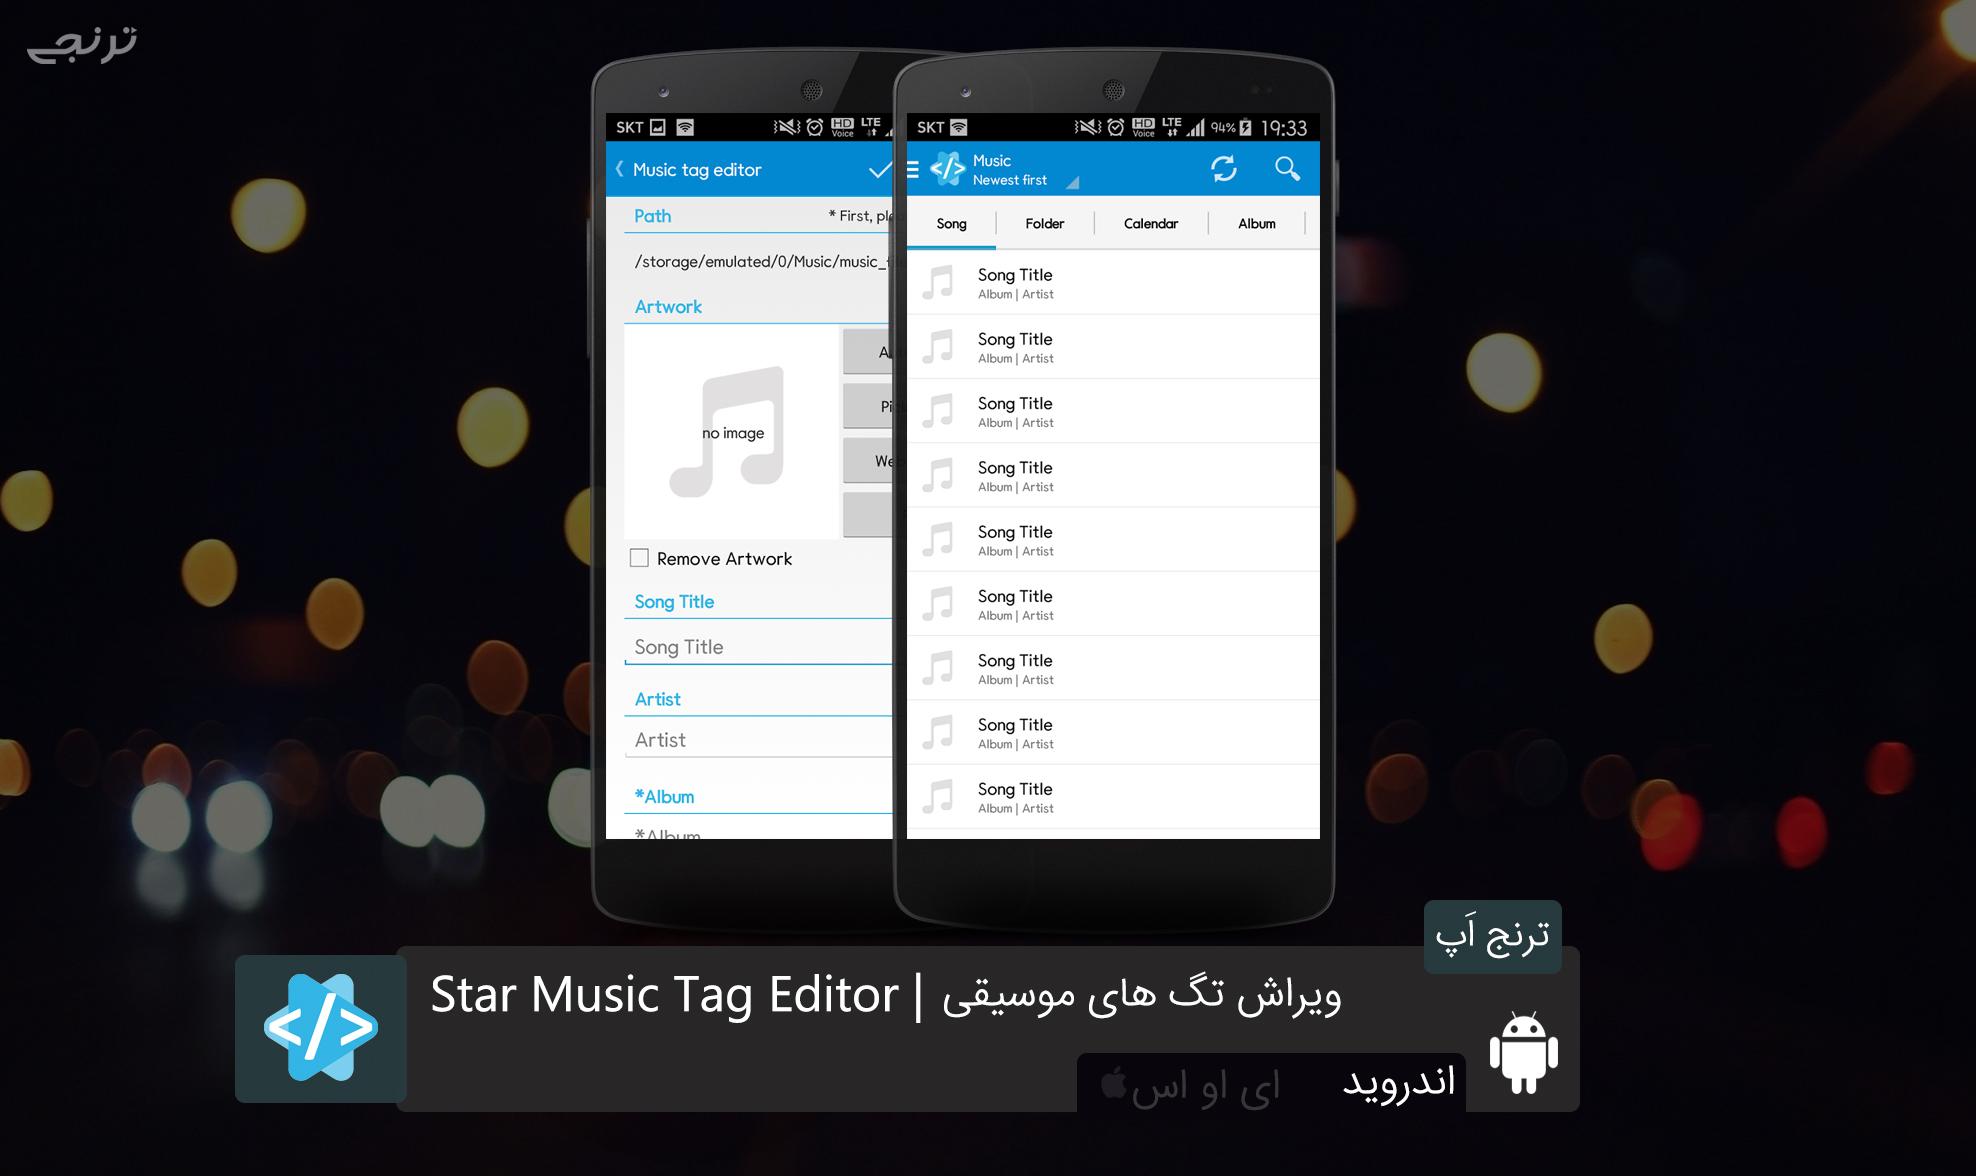 ترنج اَپ: ویرایش اطلاعات فایل های موسیقی با Star Music Tag Editor